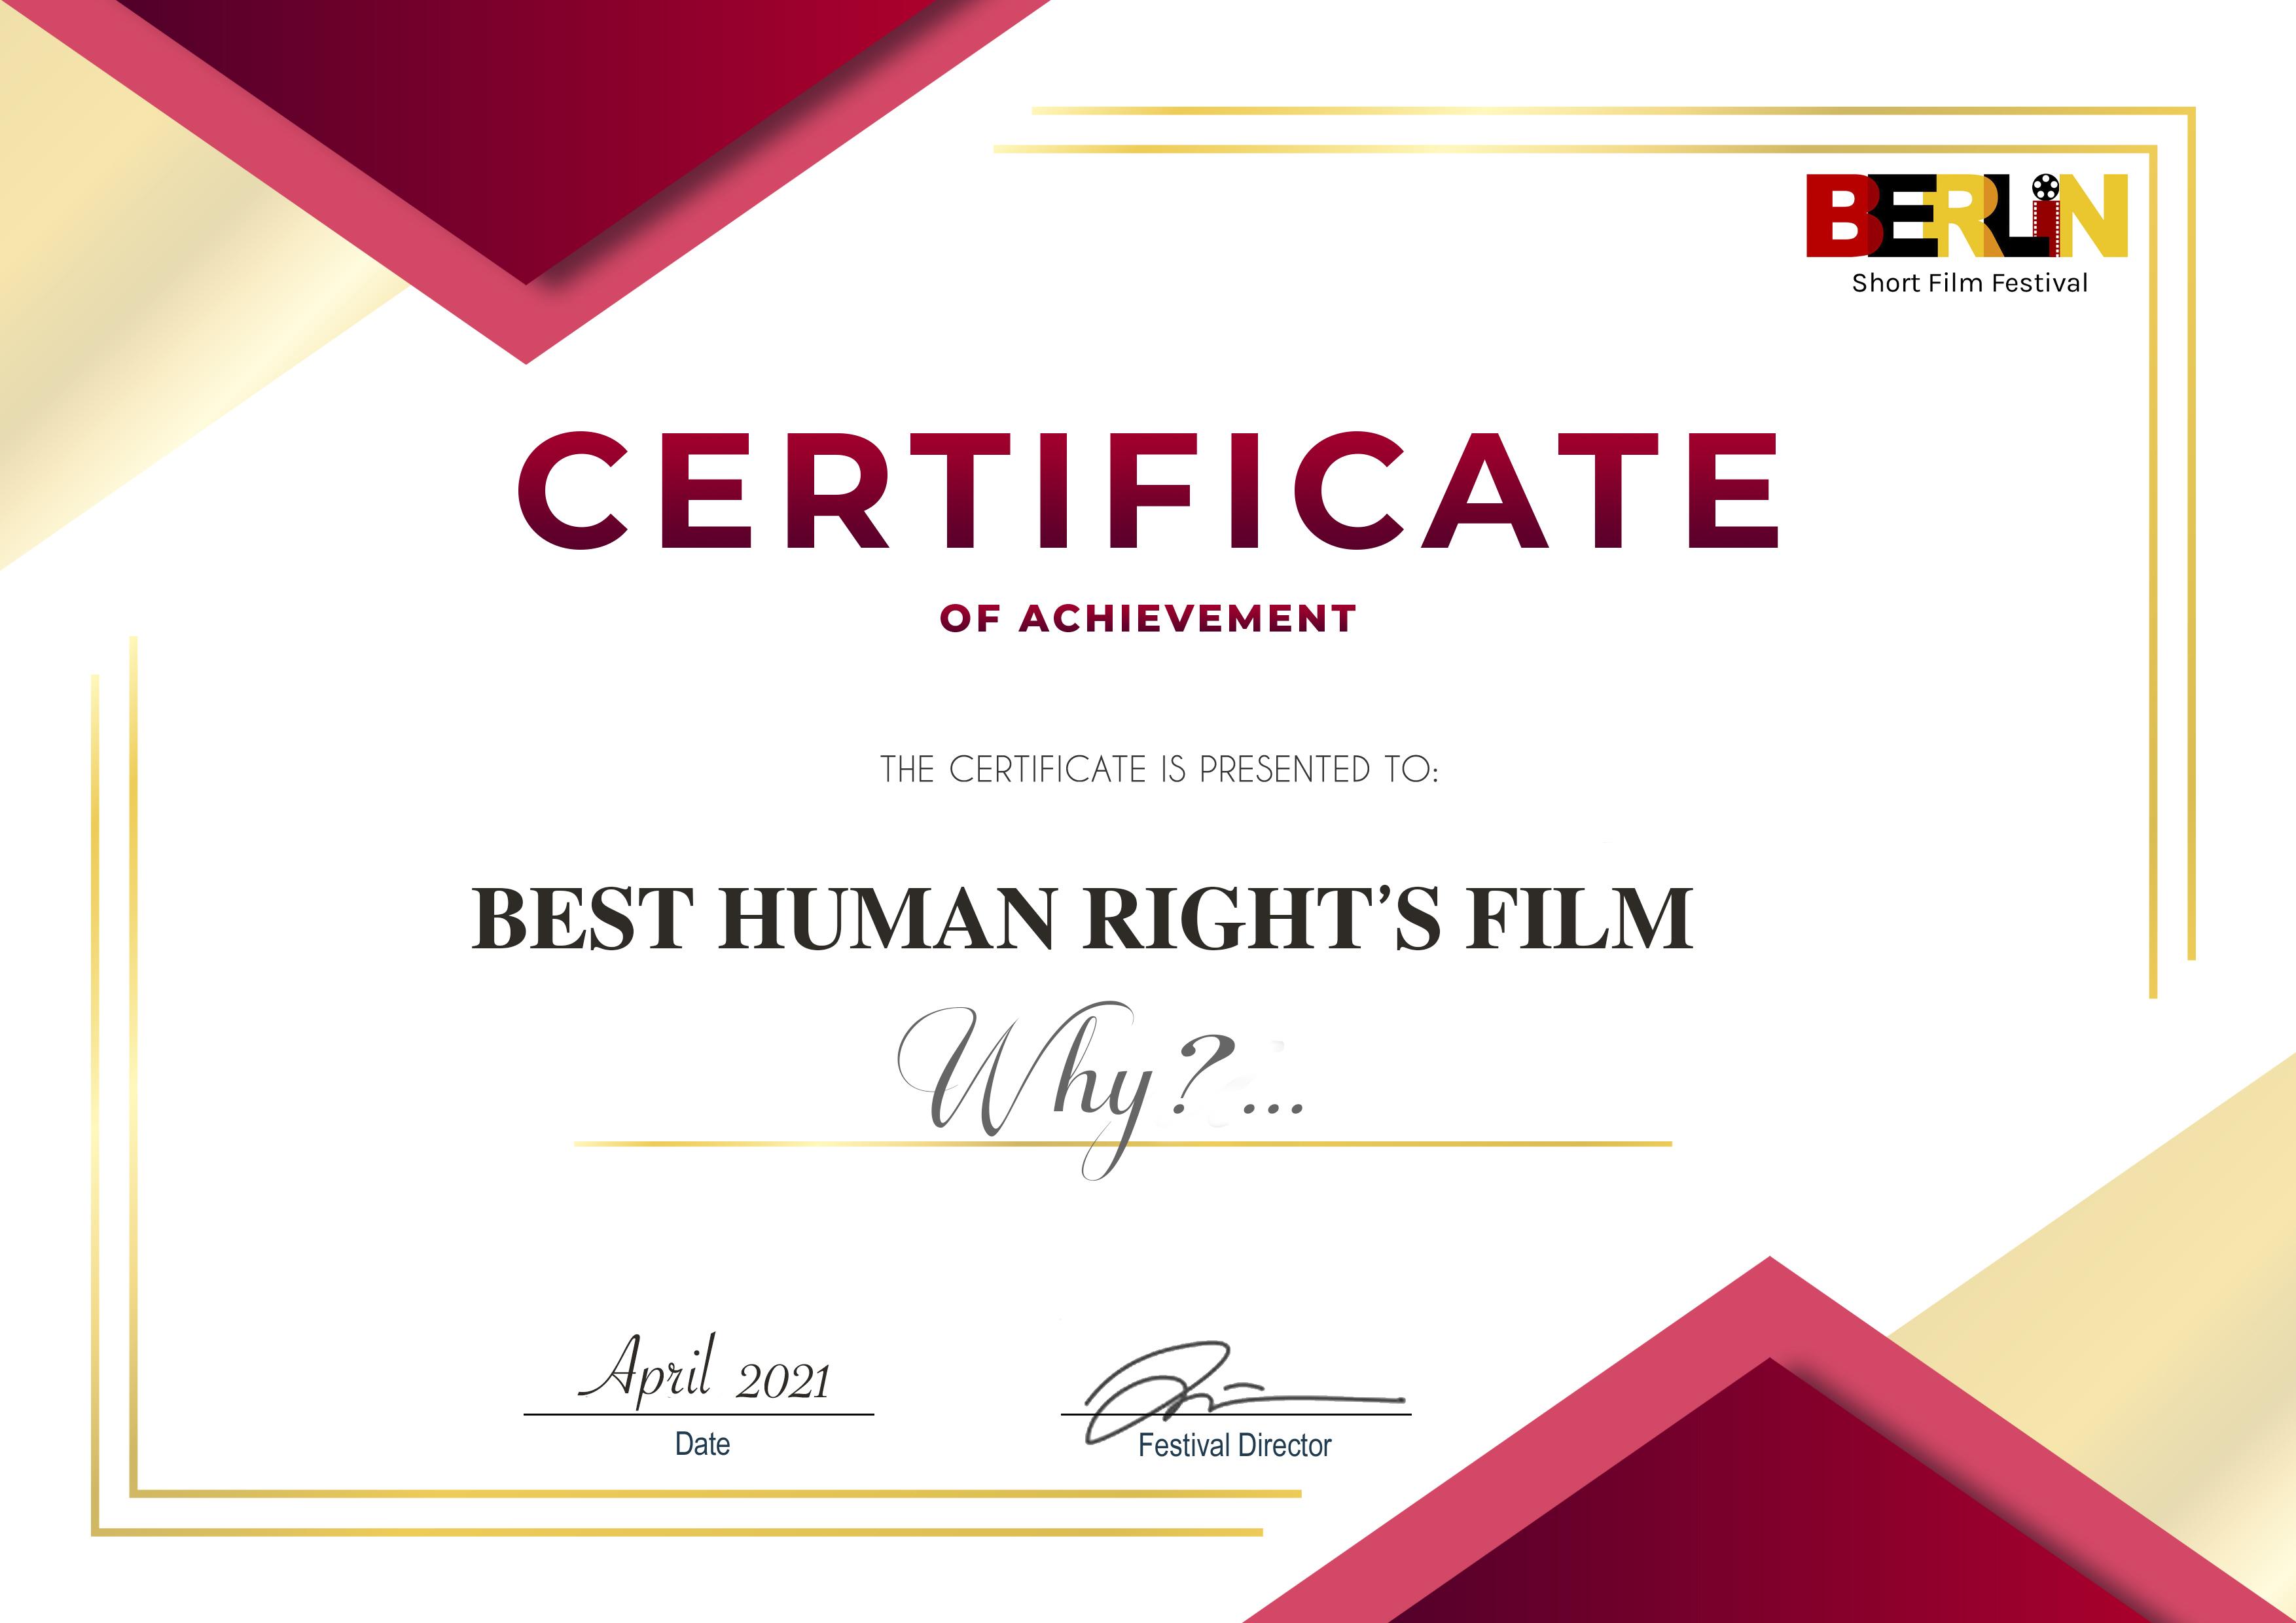 Best Human Rights Film